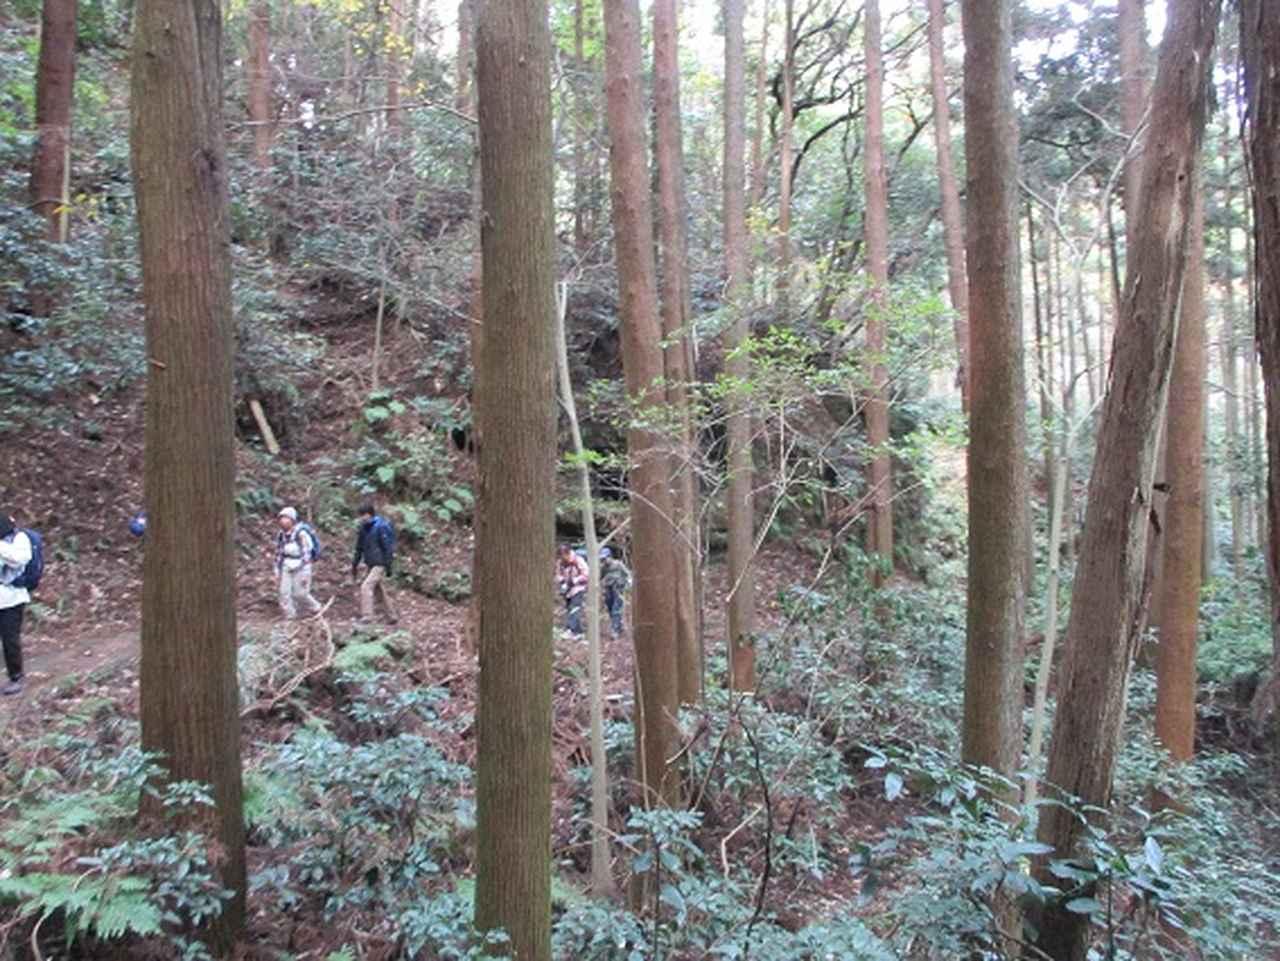 画像2: このツアーは 「鎌倉から三浦半島を歩こう(全15回)」 の3回目のツアーです